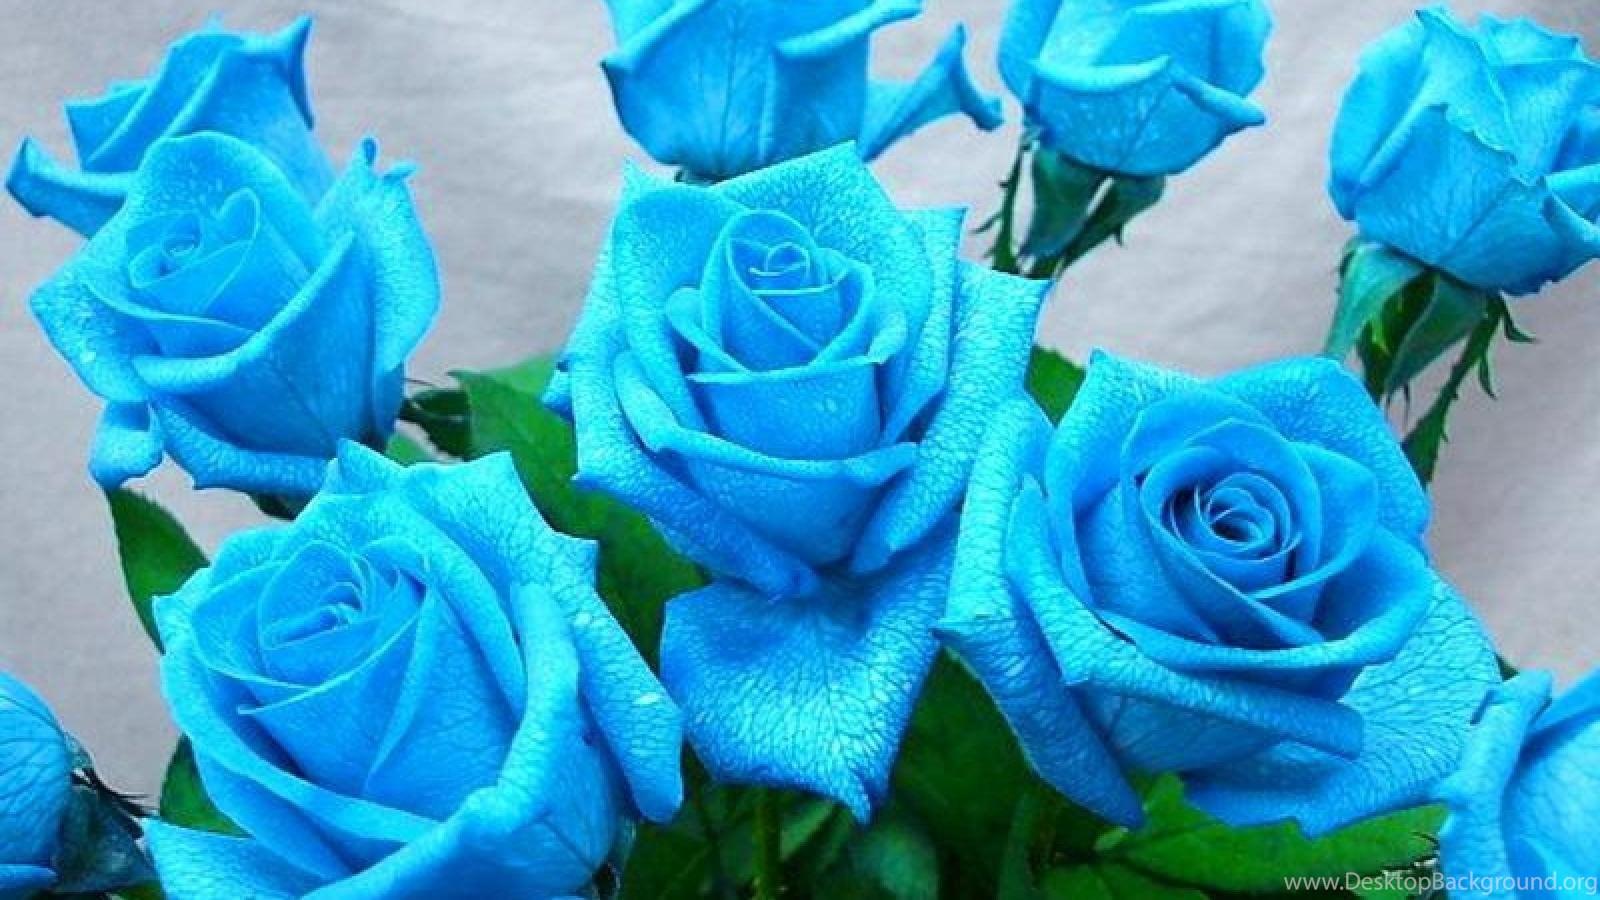 Blue Roses Wallpapers Desktop Background